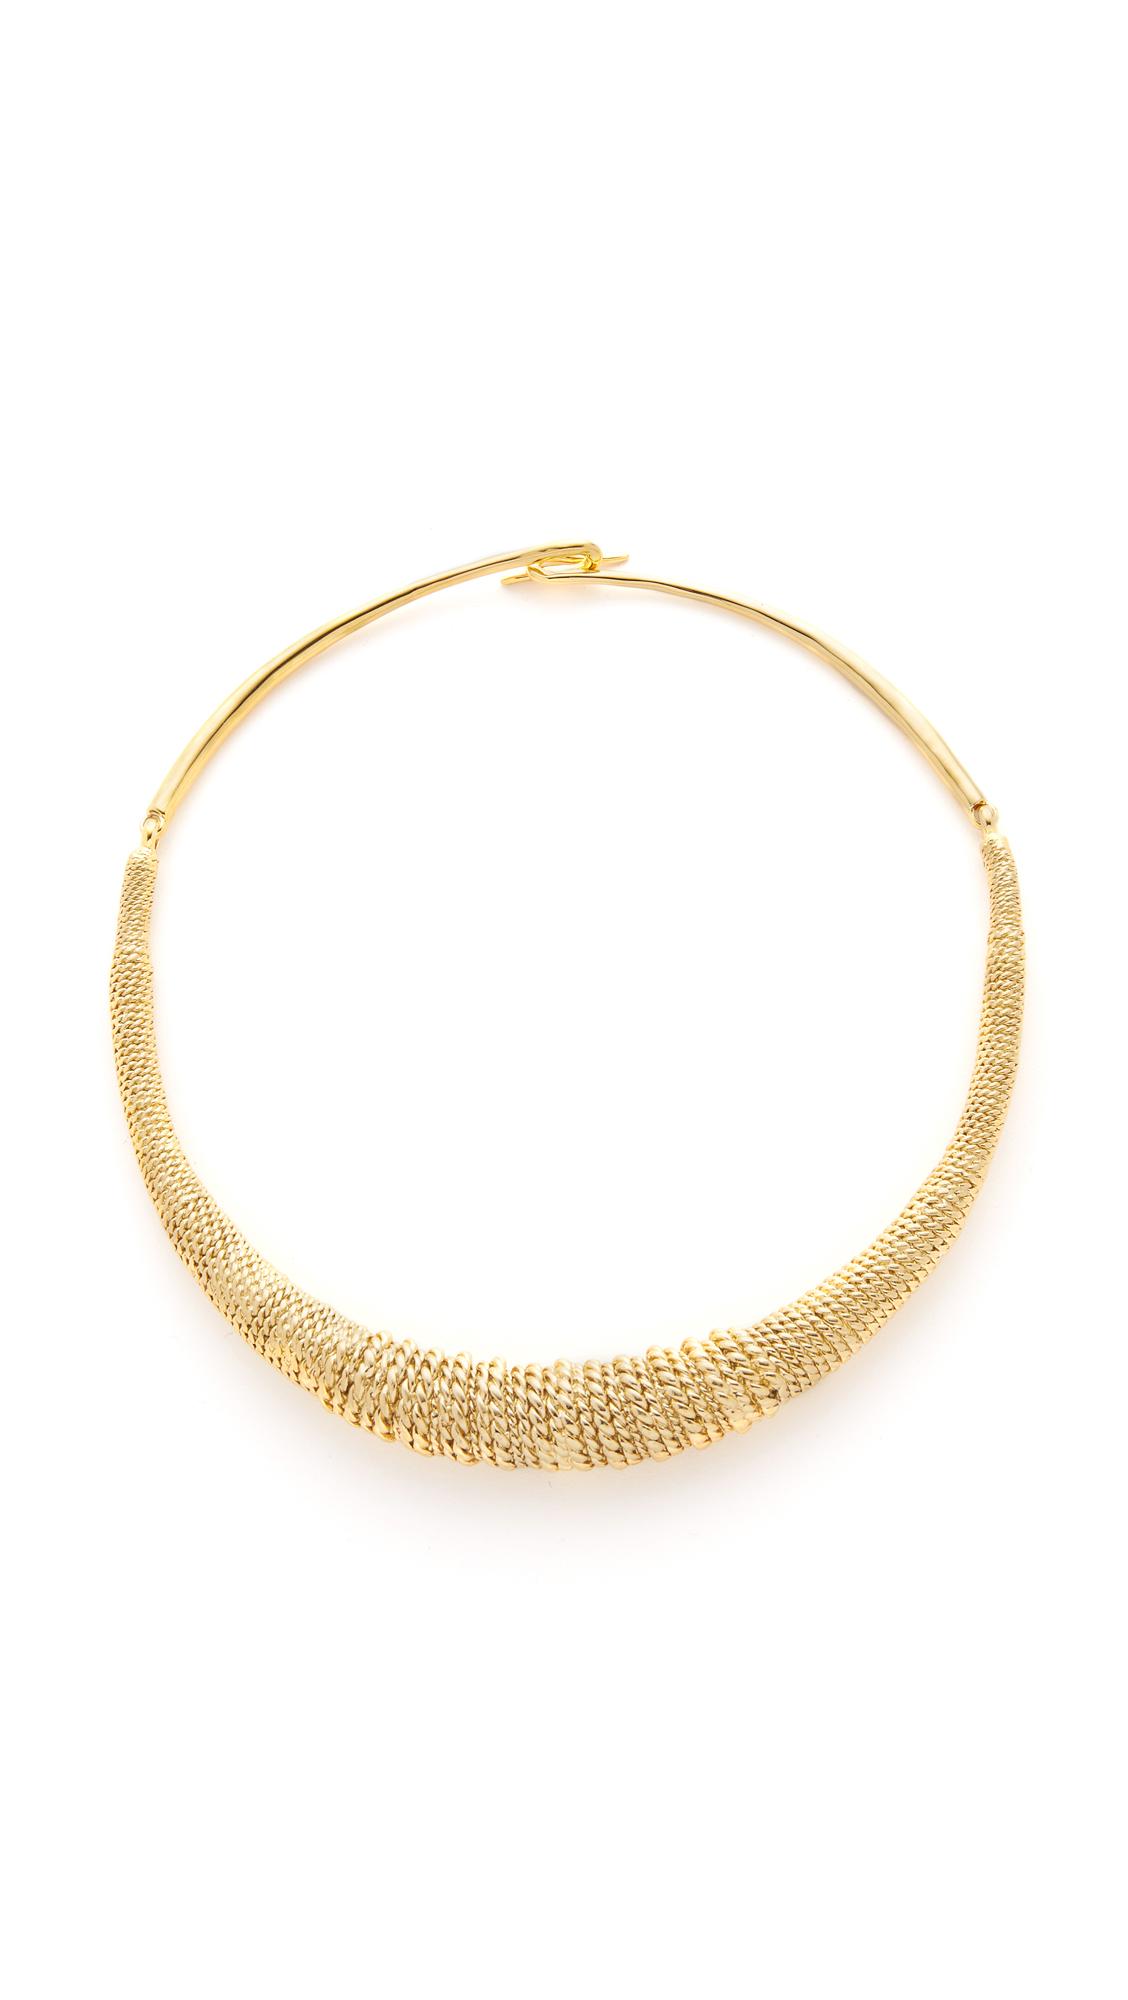 Aurelie Bidermann Marisa Necklace - Gold at Shopbop